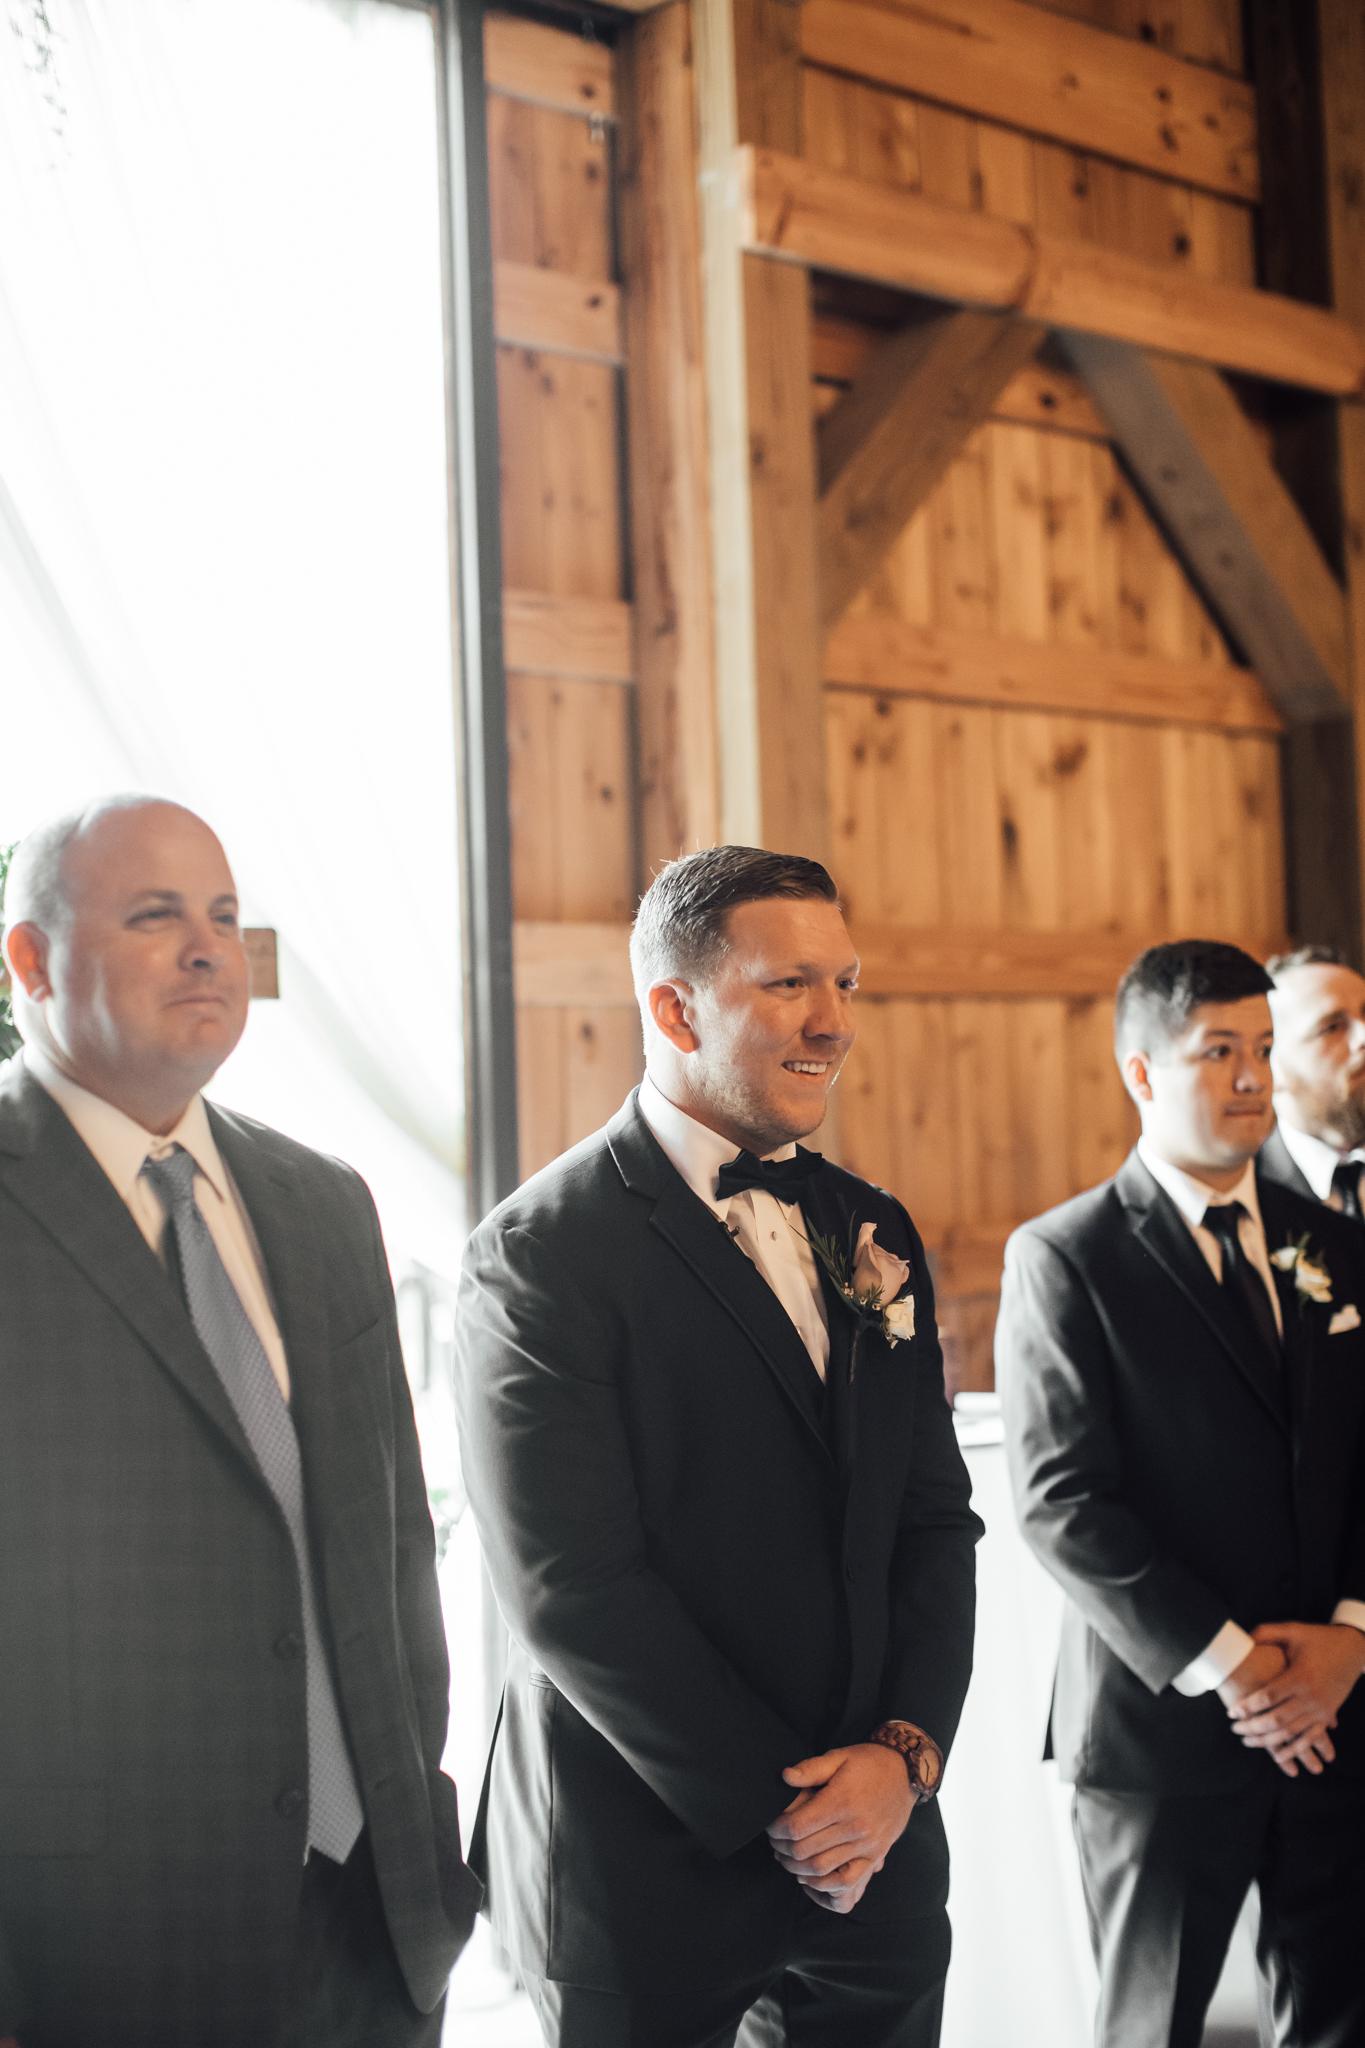 saddlewoodsfarms-nashville-wedding-photographer-thewarmtharoundyou-rustic-wedding (13 of 251).jpg